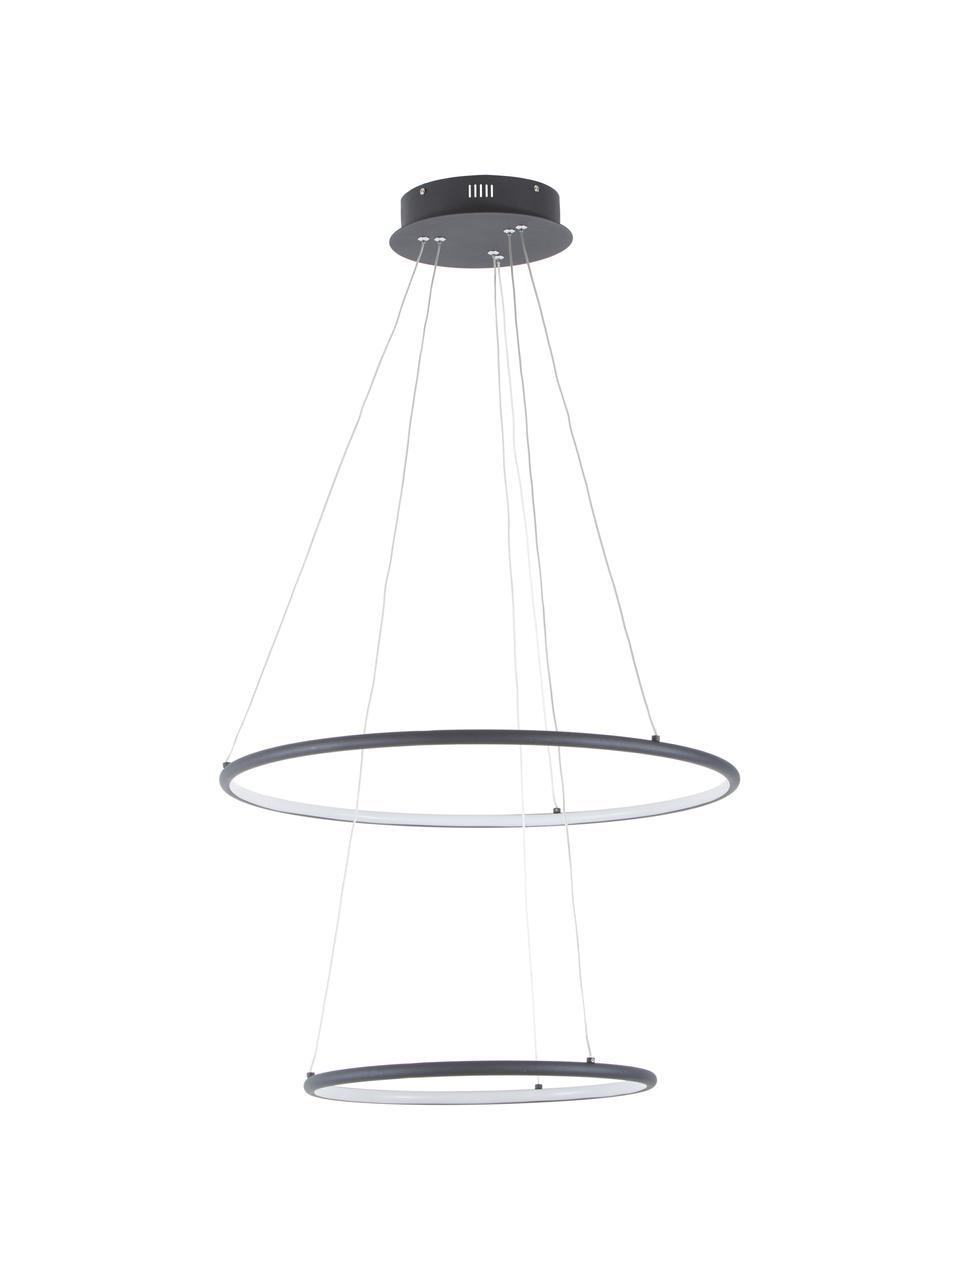 Lampada a sospensione a LED Orion, Paralume: metallo rivestito, Baldacchino: metallo rivestito, Nero, Ø 60 cm x Alt. 50 cm